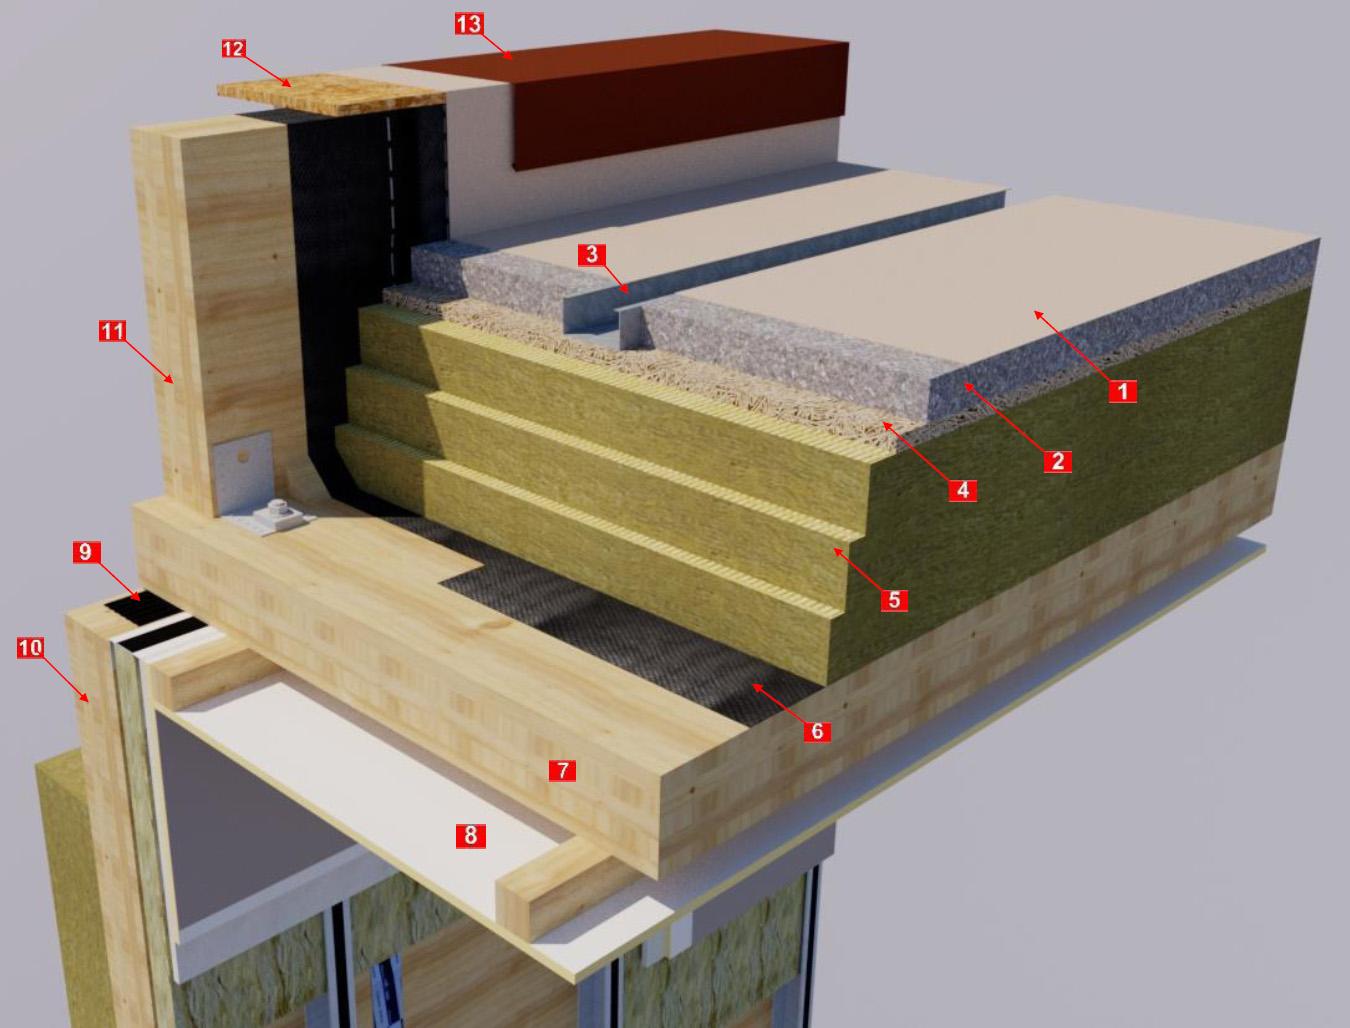 100 pannelli legno prezzi osb 3 acquistare e for Obi pannelli legno